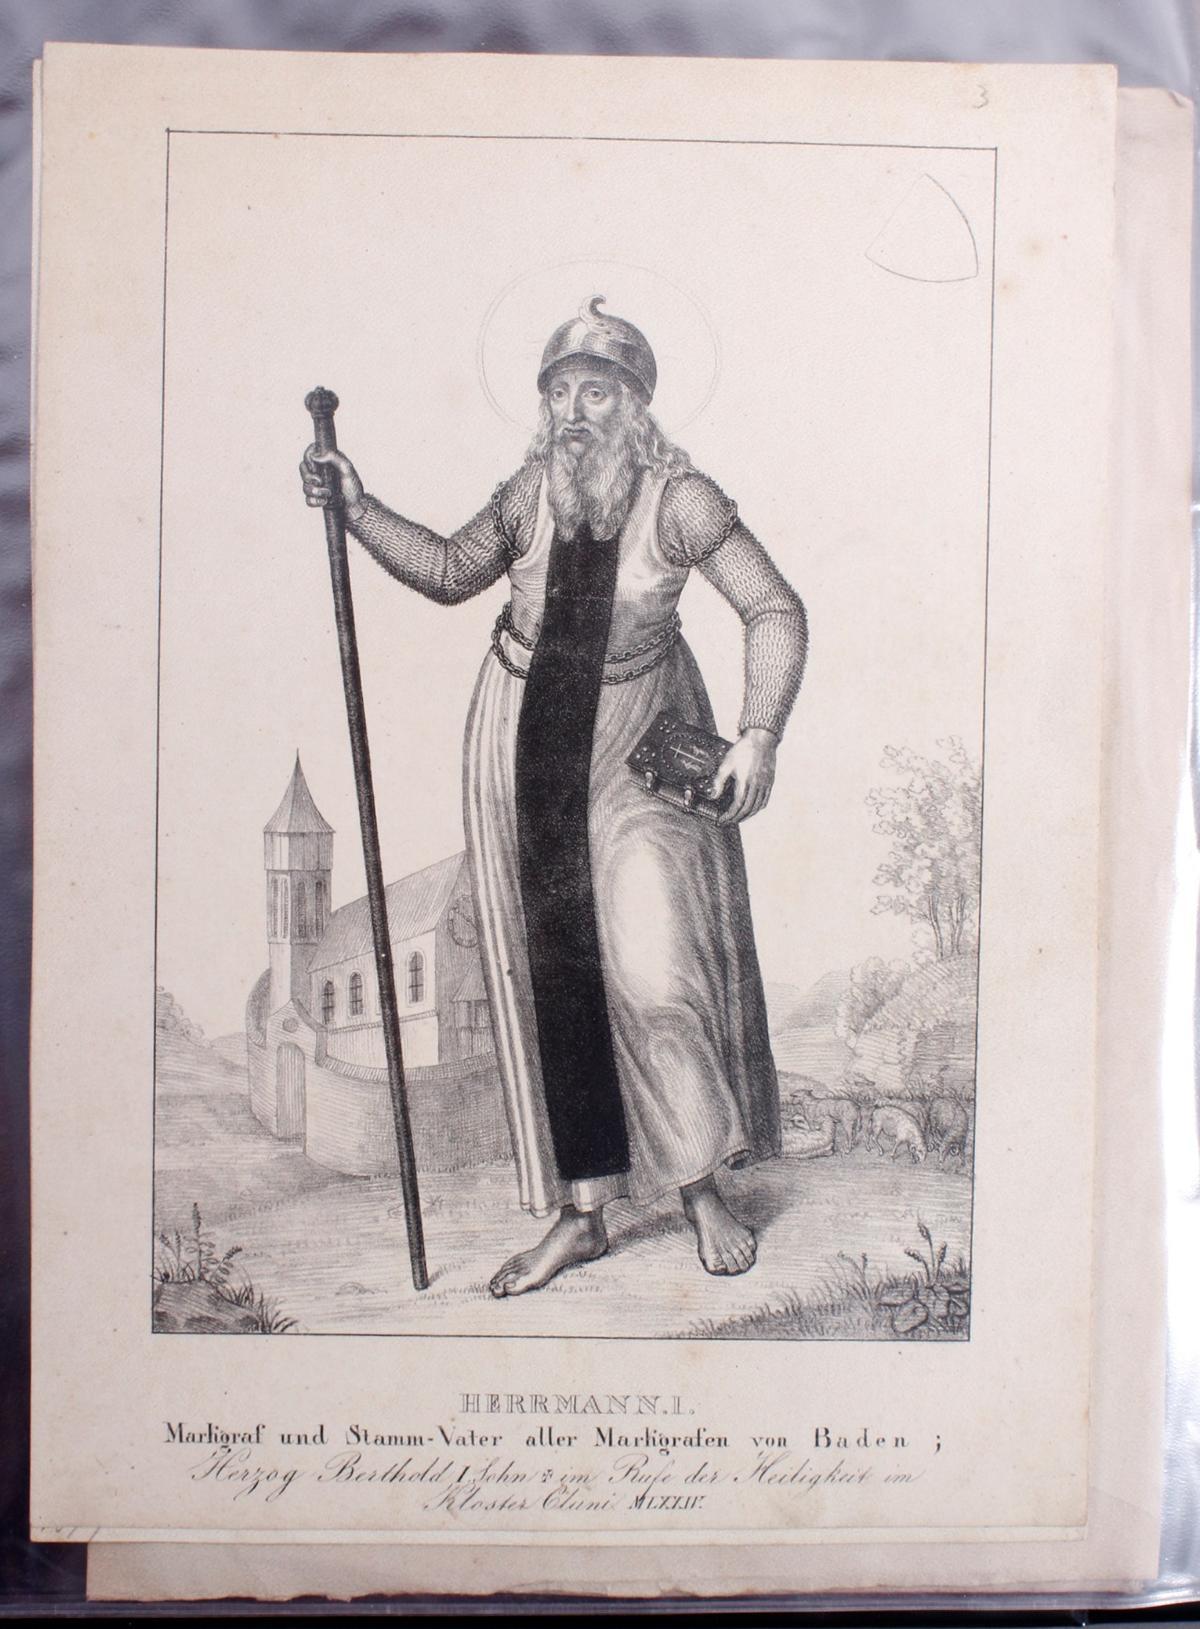 Abbildungen der Regenten des fürstlichen Hauses Baden-4